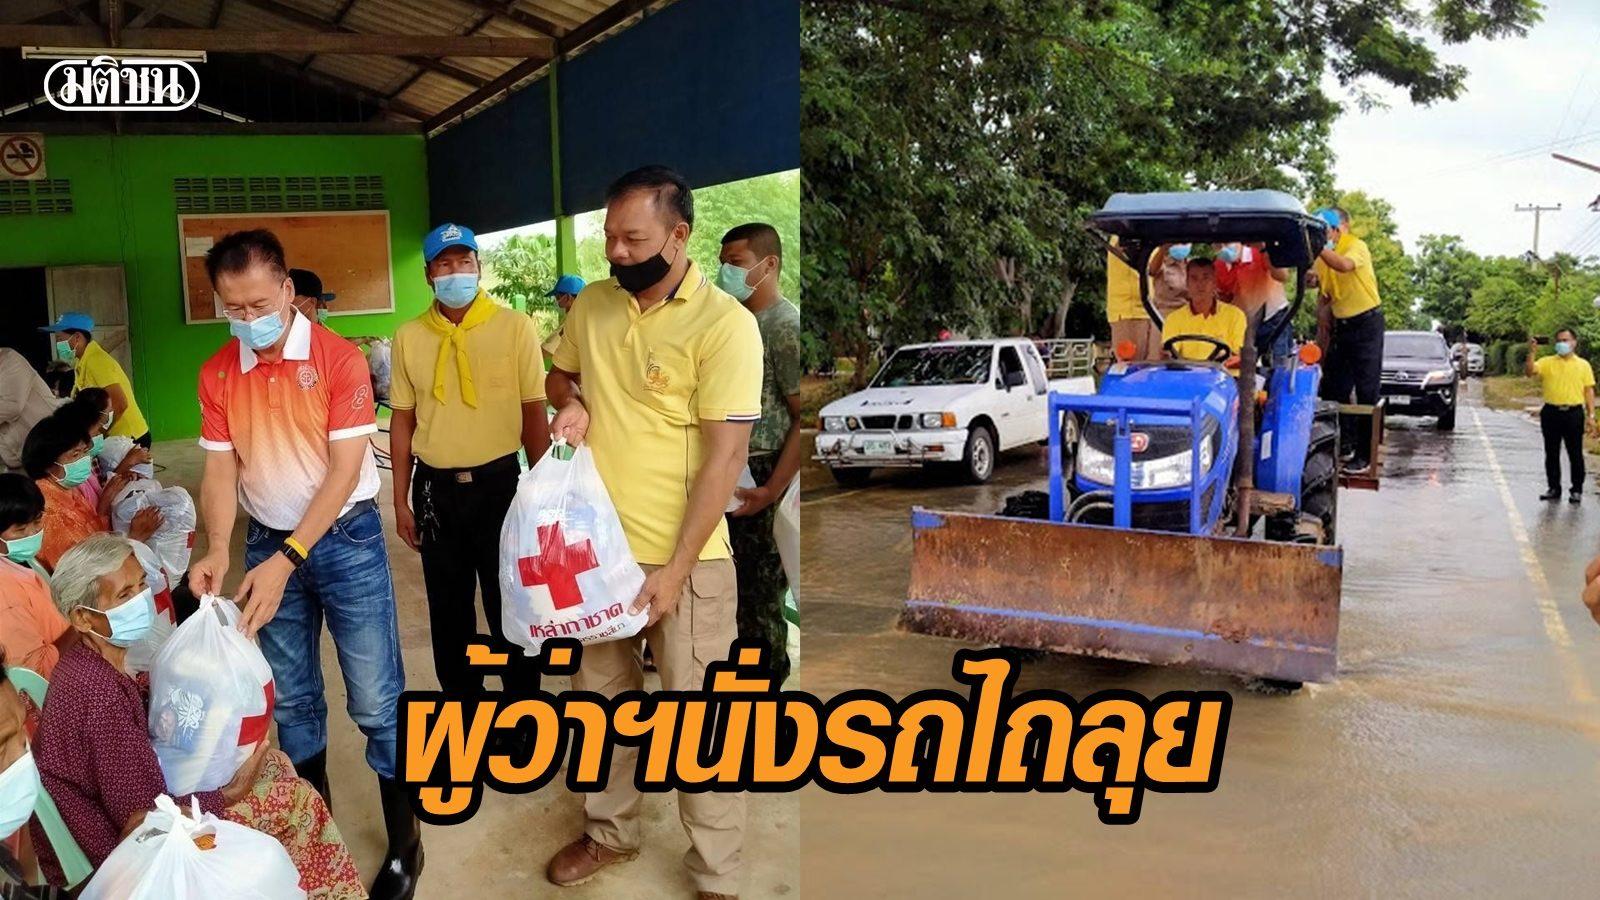 ผู้ว่าฯโคราช นั่งรถไถลุยพื้นที่น้ำท่วม มอบถุงยังชีพช่วยผู้ประสบอุทกภัย